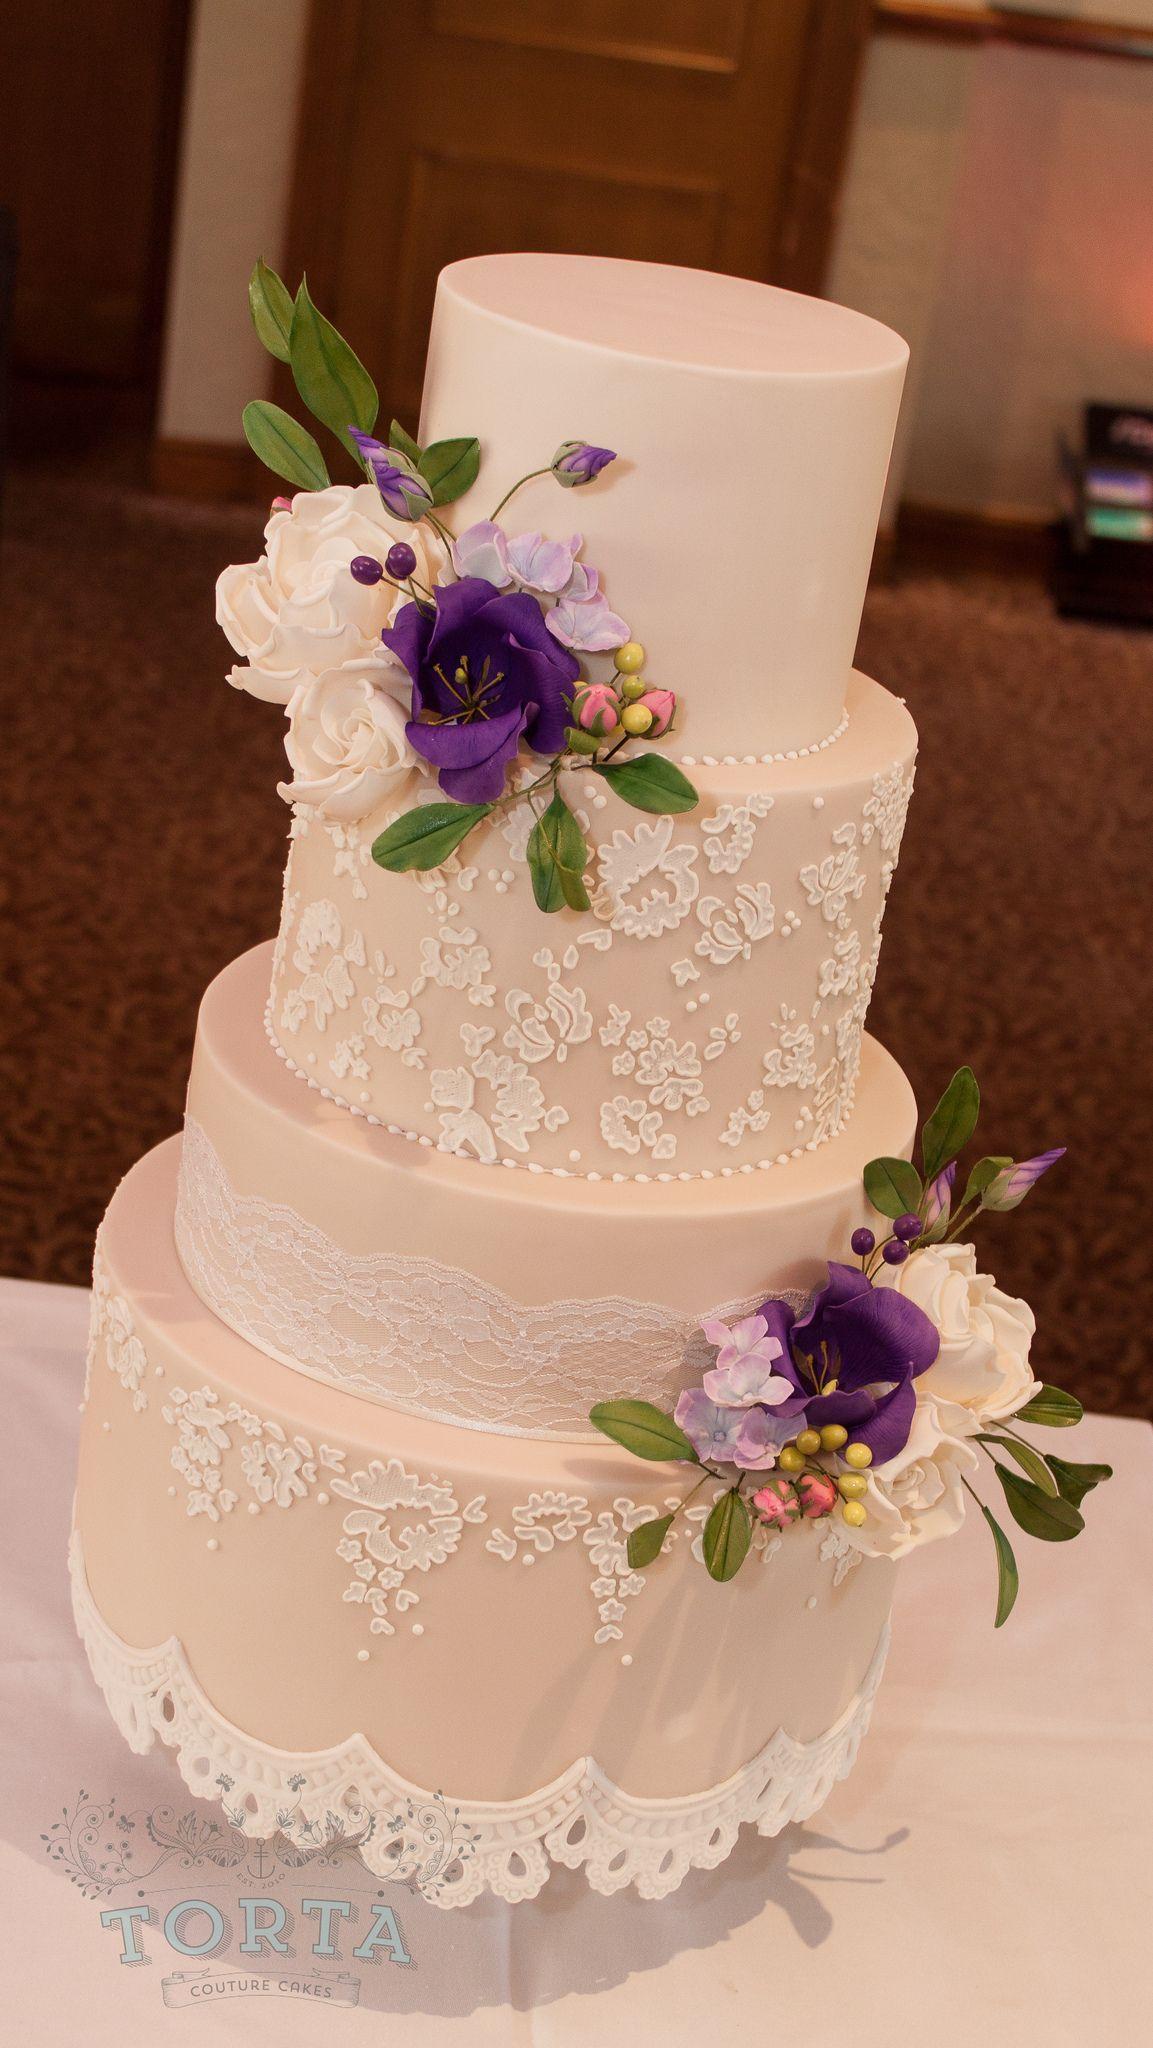 Vintage Wedding Cake Vintage Wedding Prettycakes In 2020 Pink Wedding Cake Wedding Cakes Vintage Pink Rose Wedding Cake